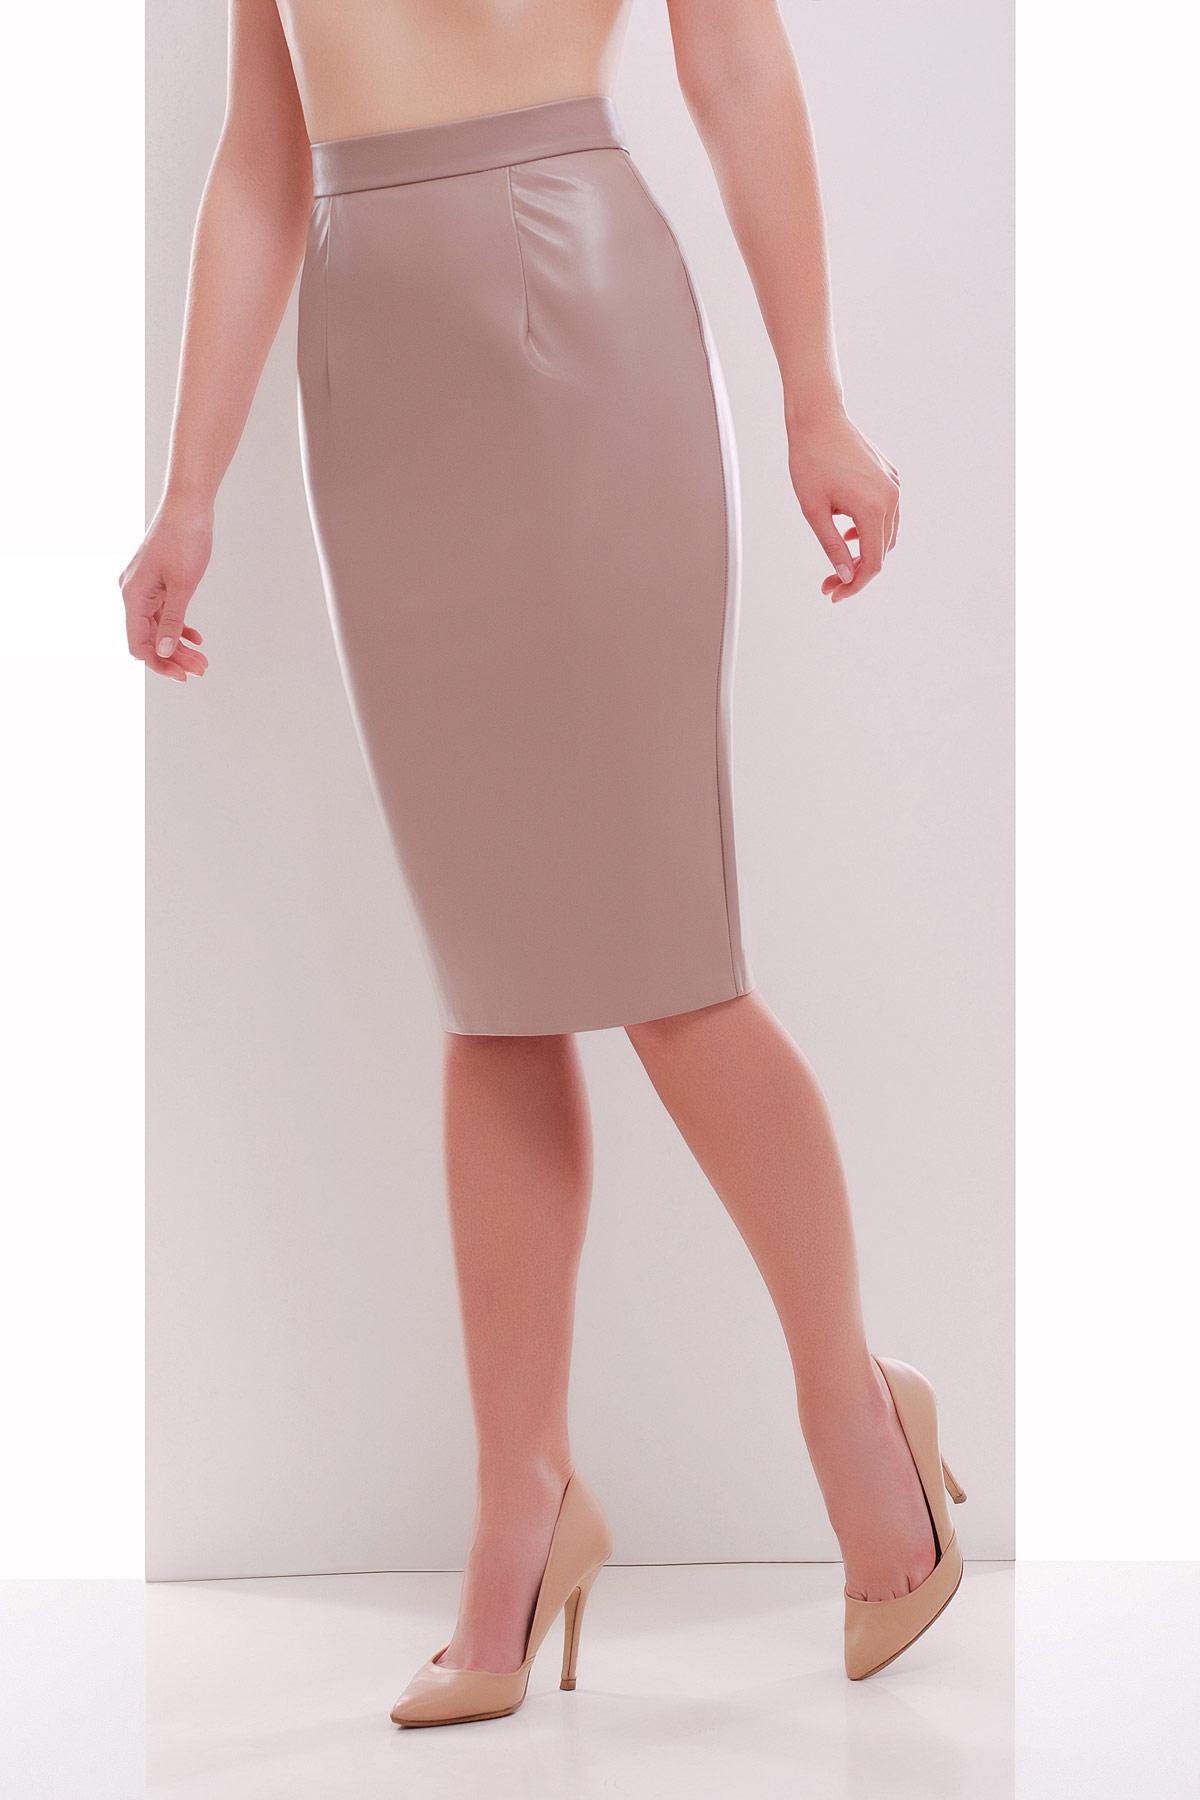 черная юбка карандаш из экокожи. юбка мод. №29 (кожа). Цвет: бежевый